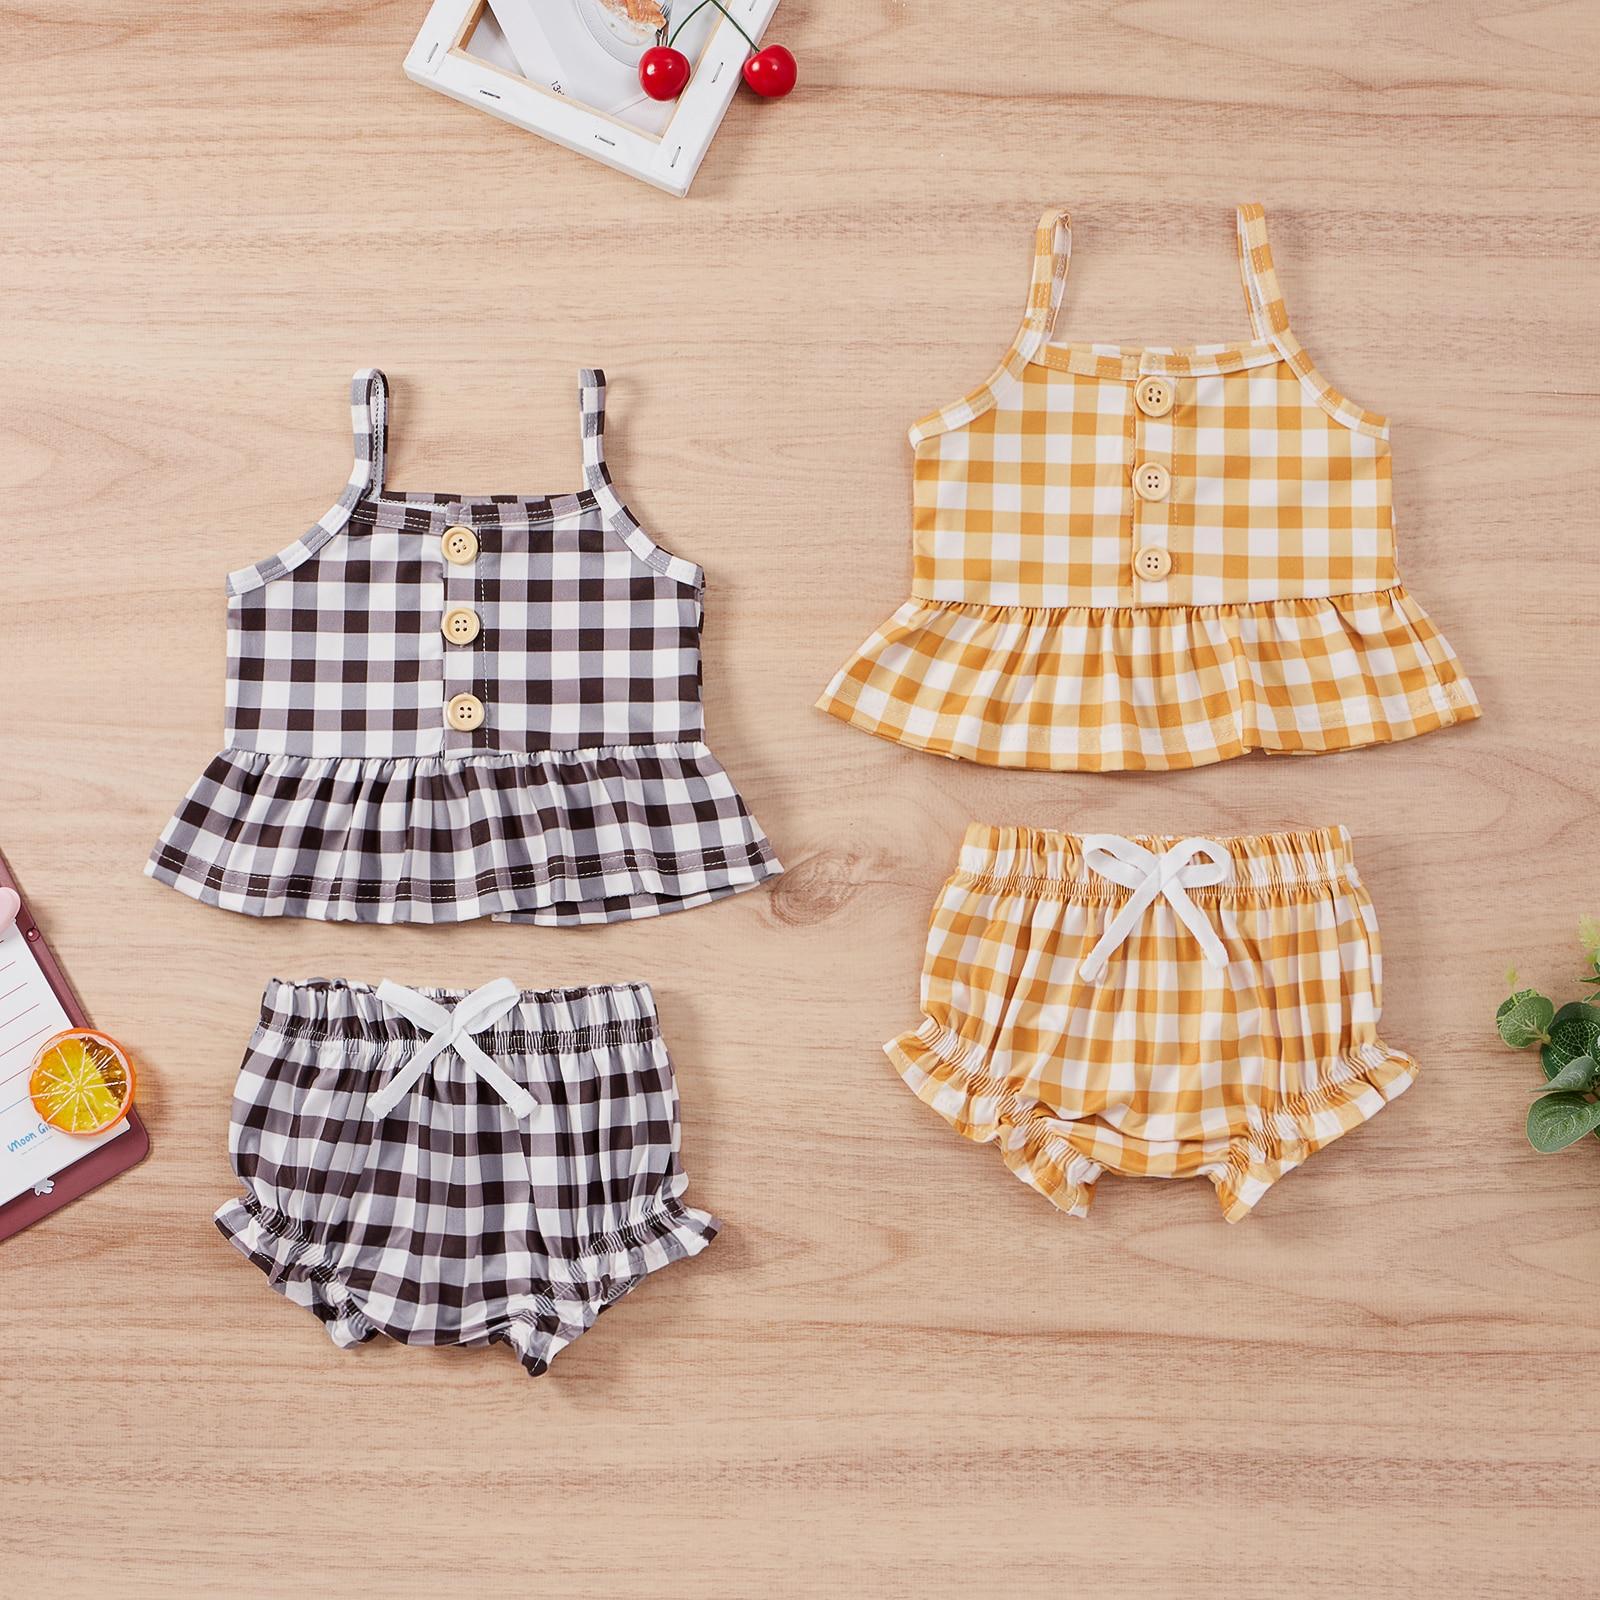 Детский летний комплект OPPERIAYA из двух предметов для маленьких девочек, повседневный Модный комплект на пуговицах, сарафан в клетку, футболк... сарафан для девочек